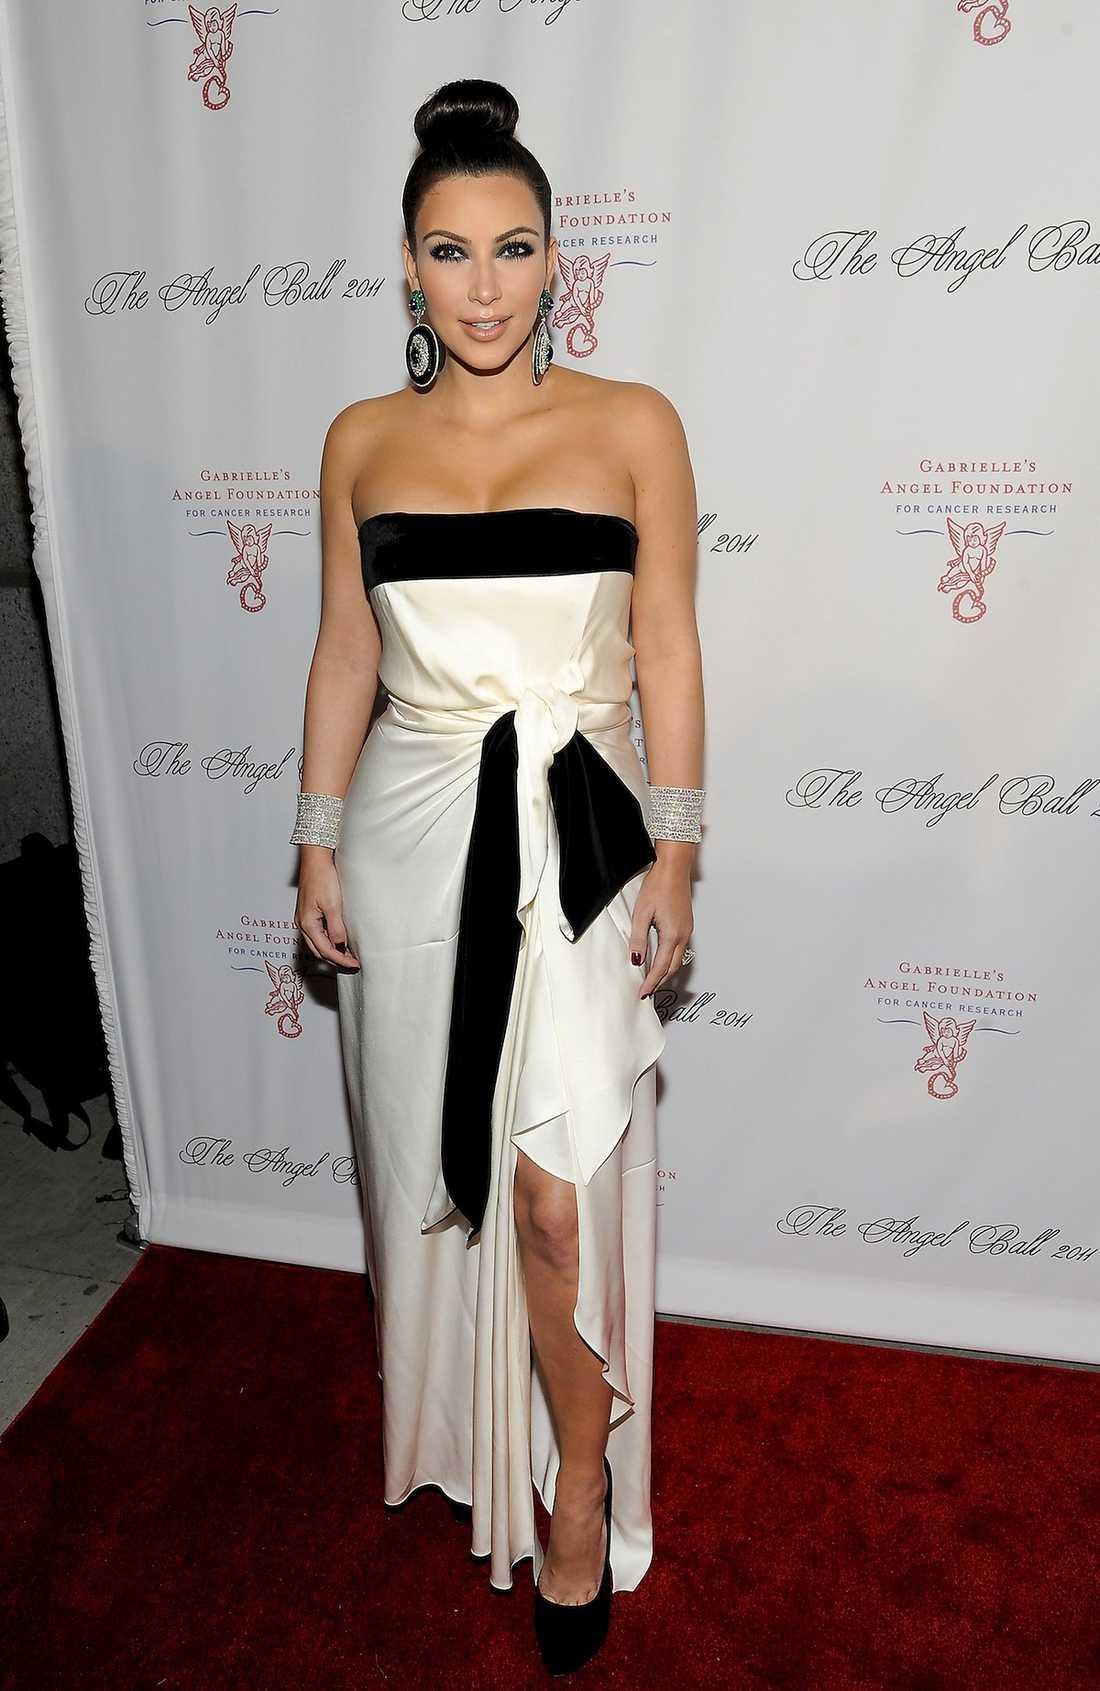 Kim Kardashian sågs också på galan tillsammans med prinsessan Madeleine.